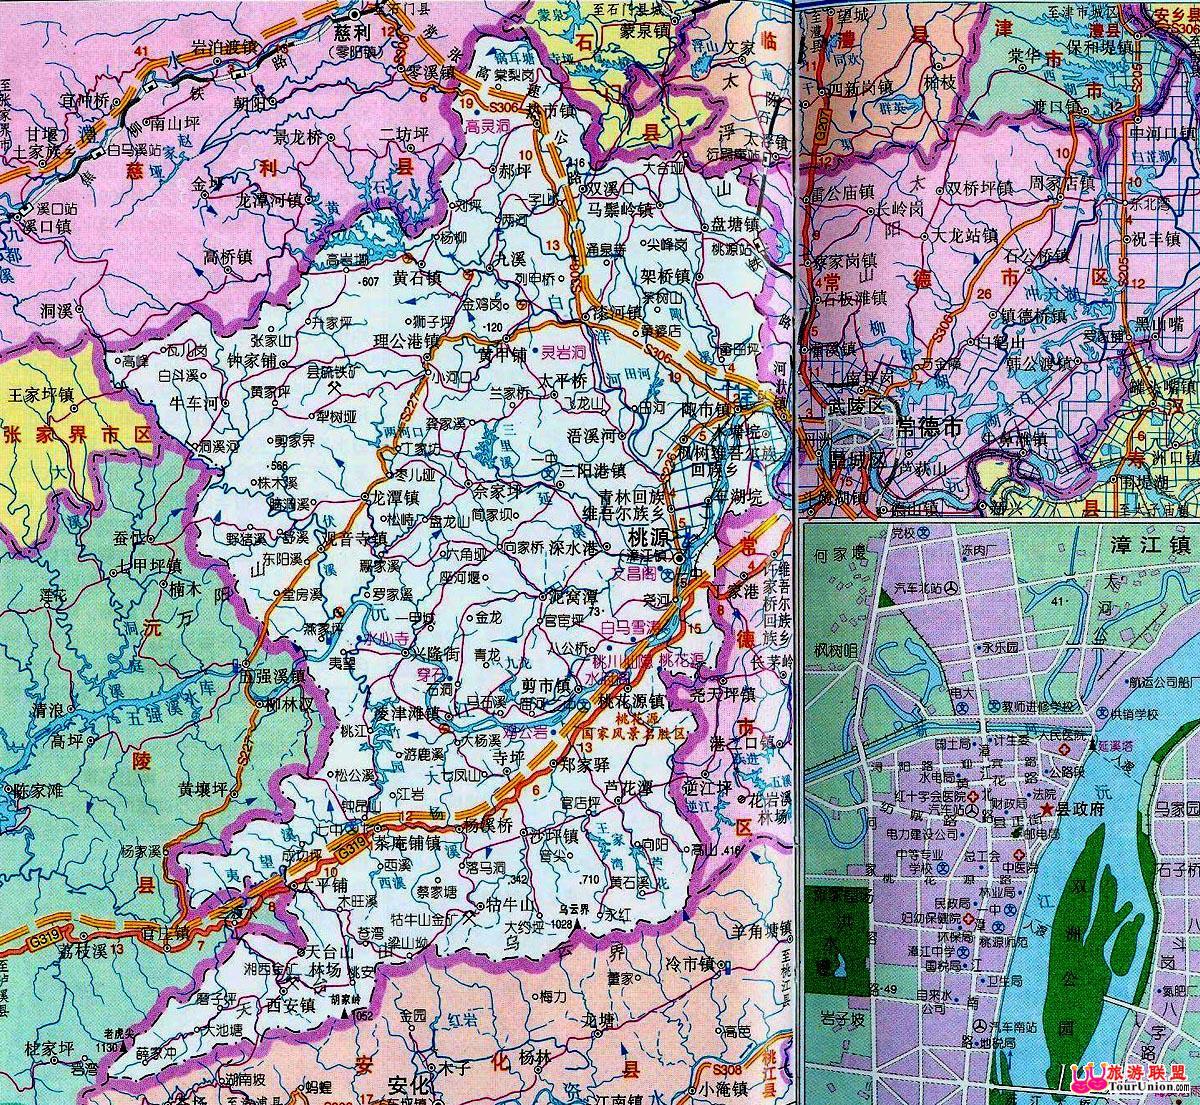 桃源交通图;; 桃源电子地图·桃源风光图库·图行常德·图行; 常德图片